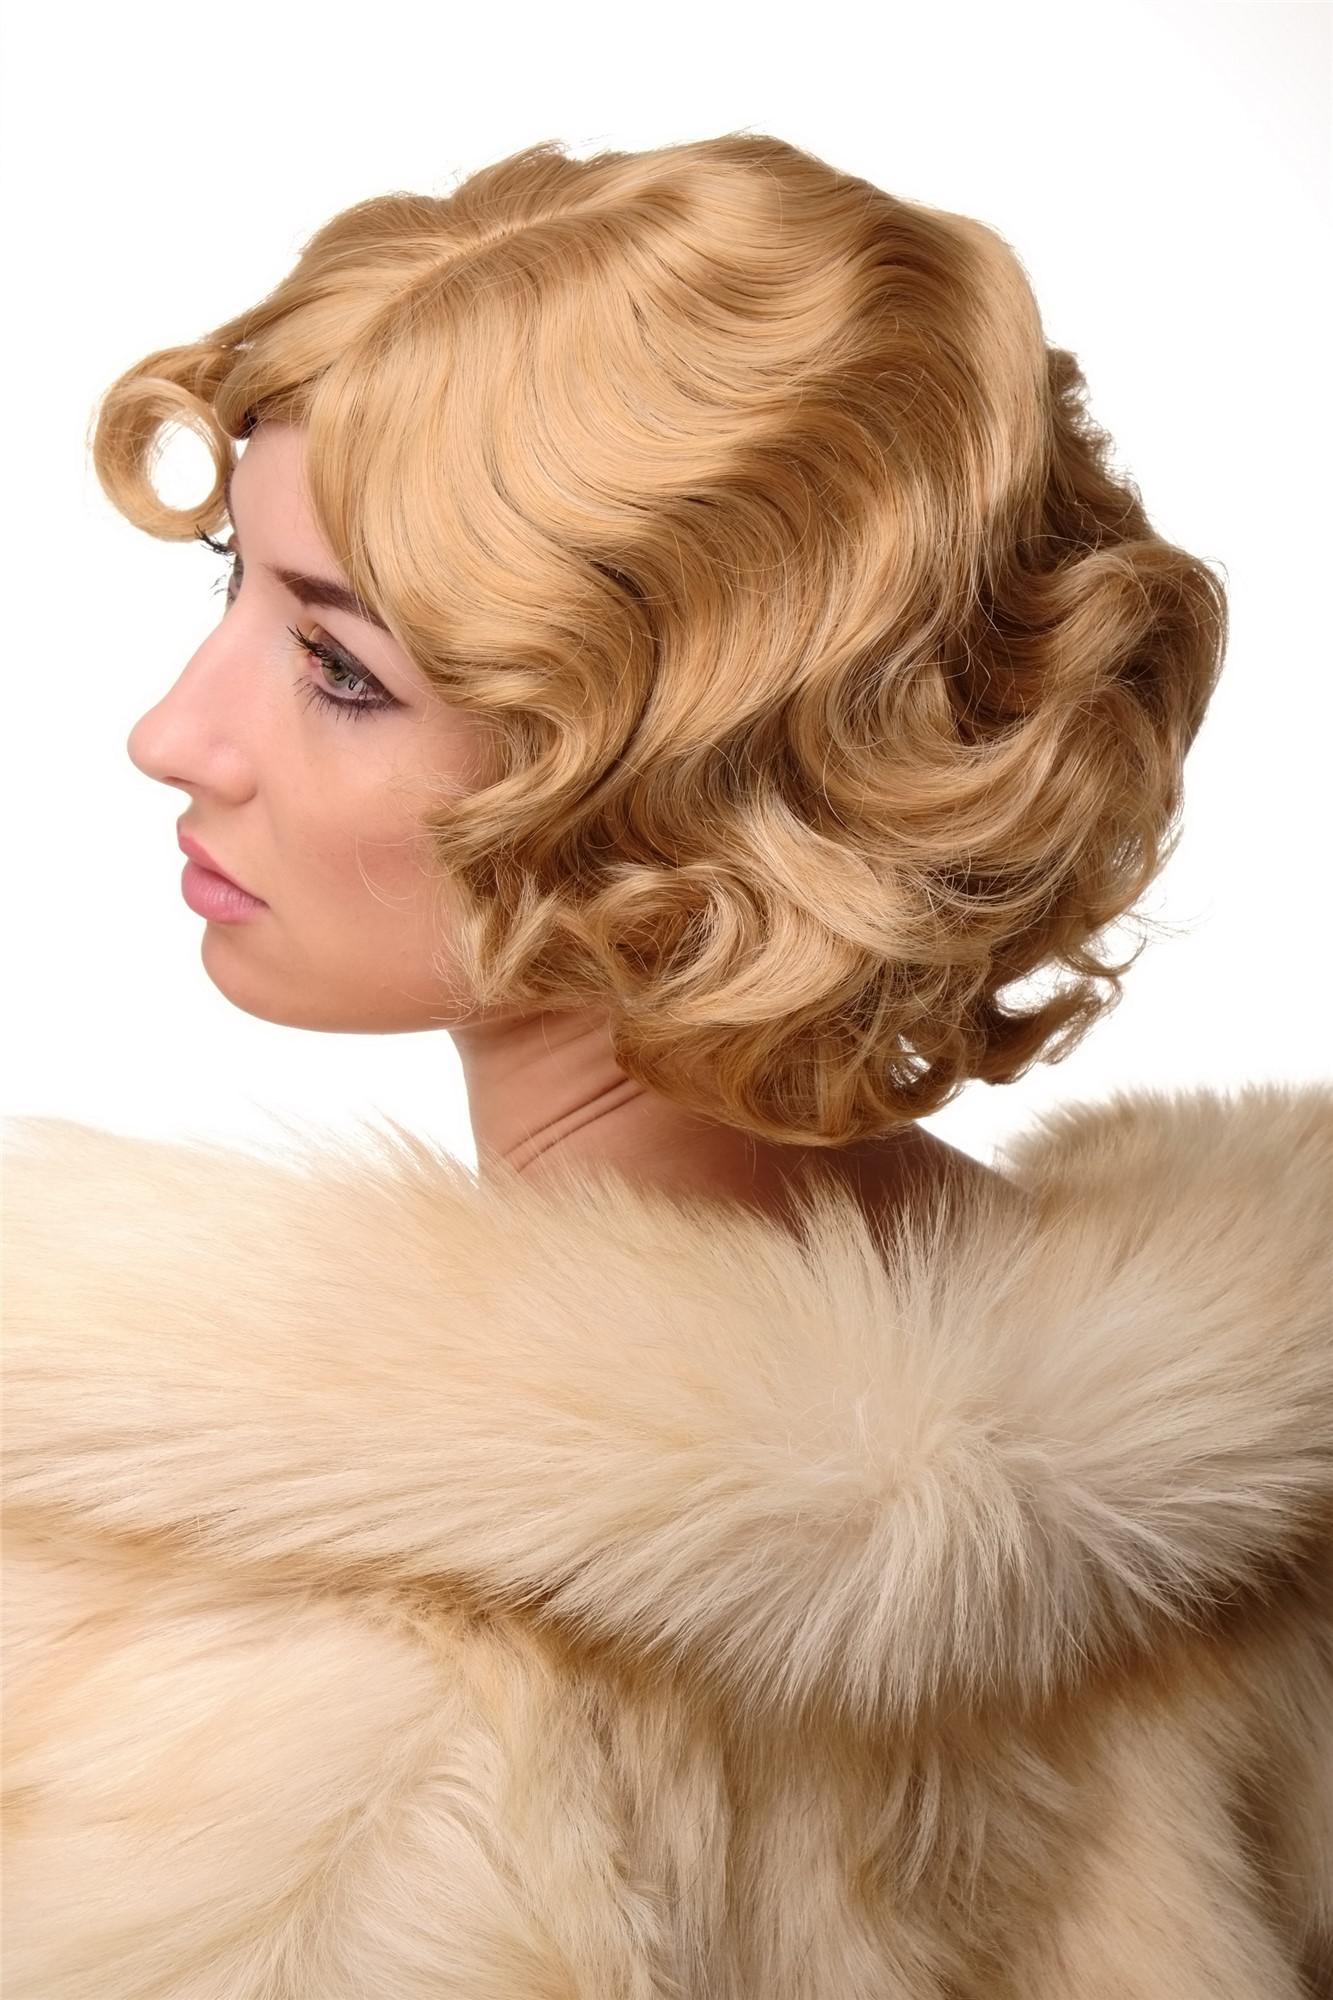 Shop für authentische 60% Freigabe 100% echt Damen Perücke 20er Jahre Swing Bob gewellt Perücke Blond ca. 25 cm  A4002-611B